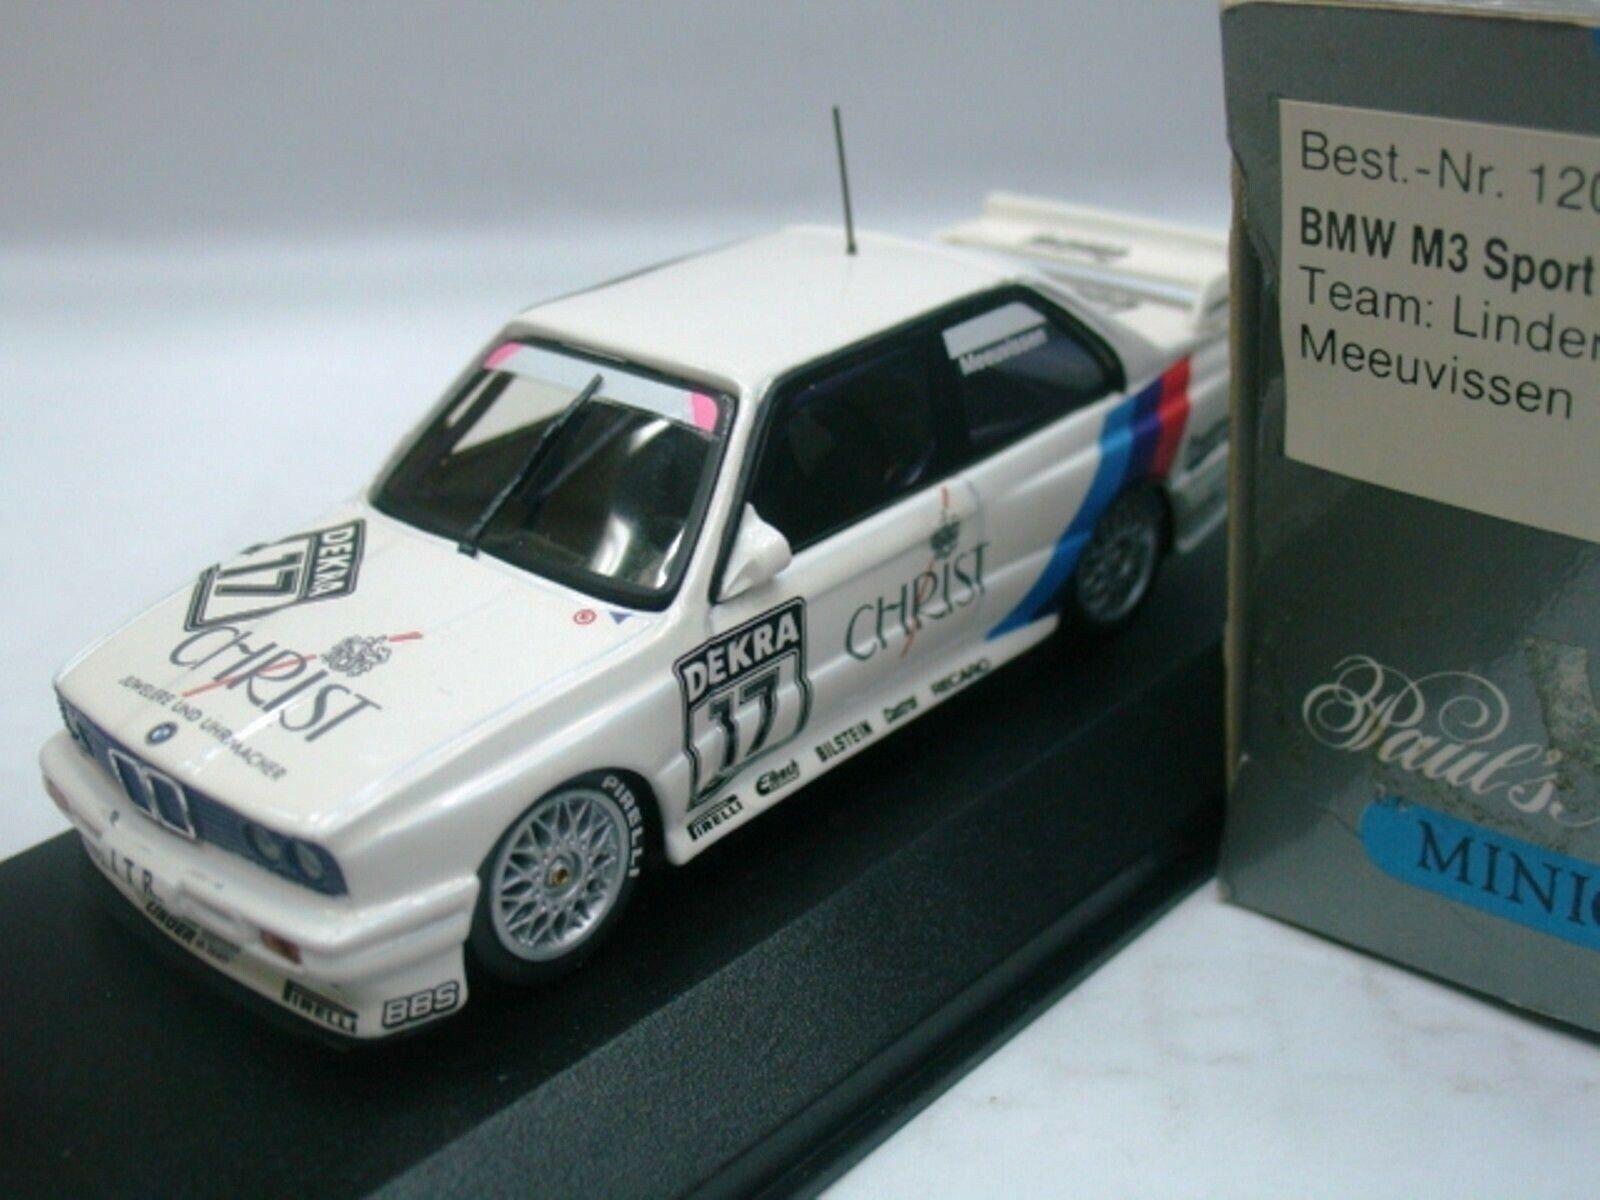 Wow extrêmement rare rare rare BMW M3 E30 se DTM 1991  17 meeuvissen 1 43 Minichamps - 635 M5 daed8d